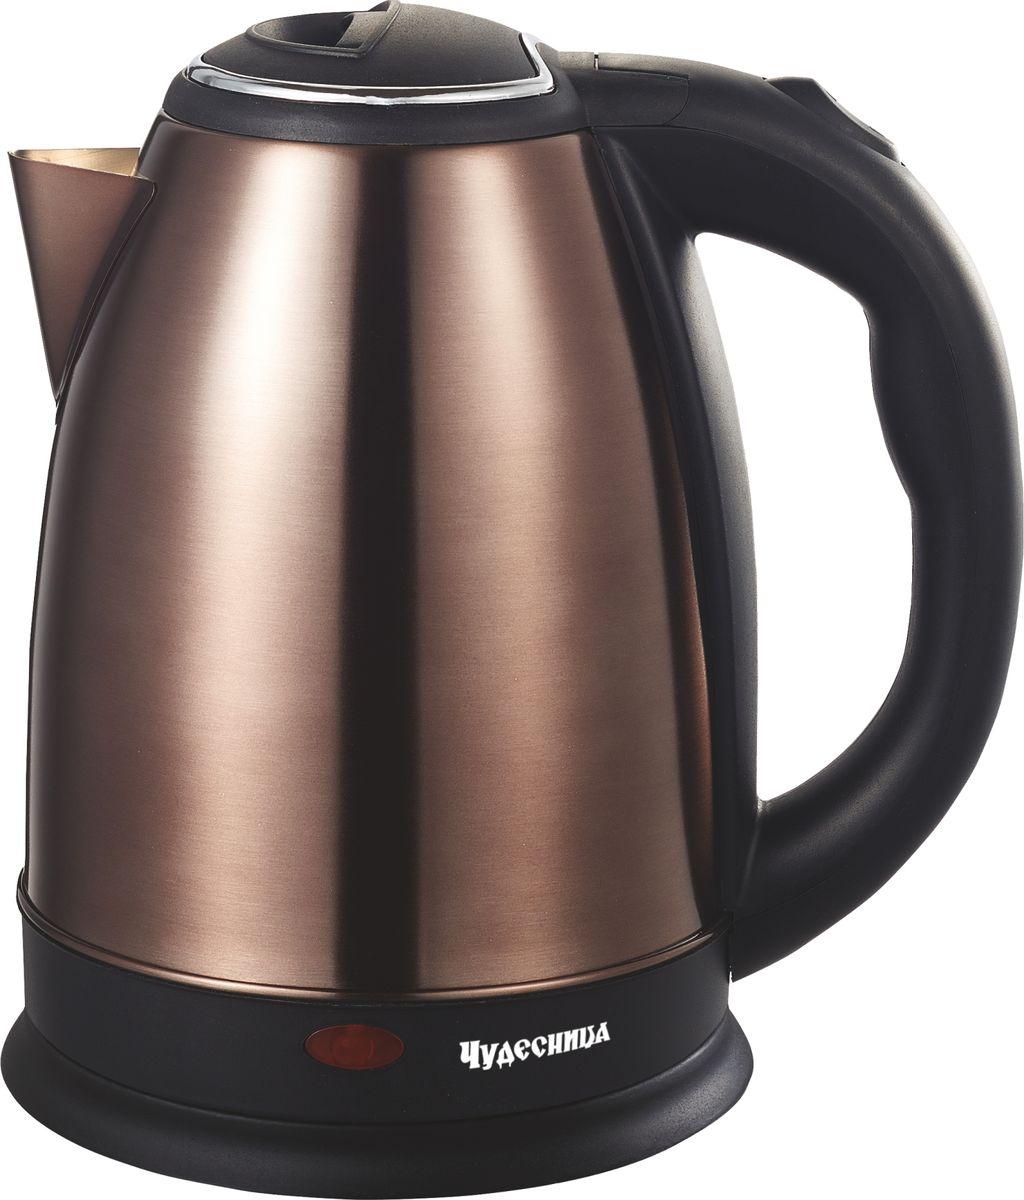 лучшая цена Электрический чайник Чудесница ЭЧ-2010, Bronze